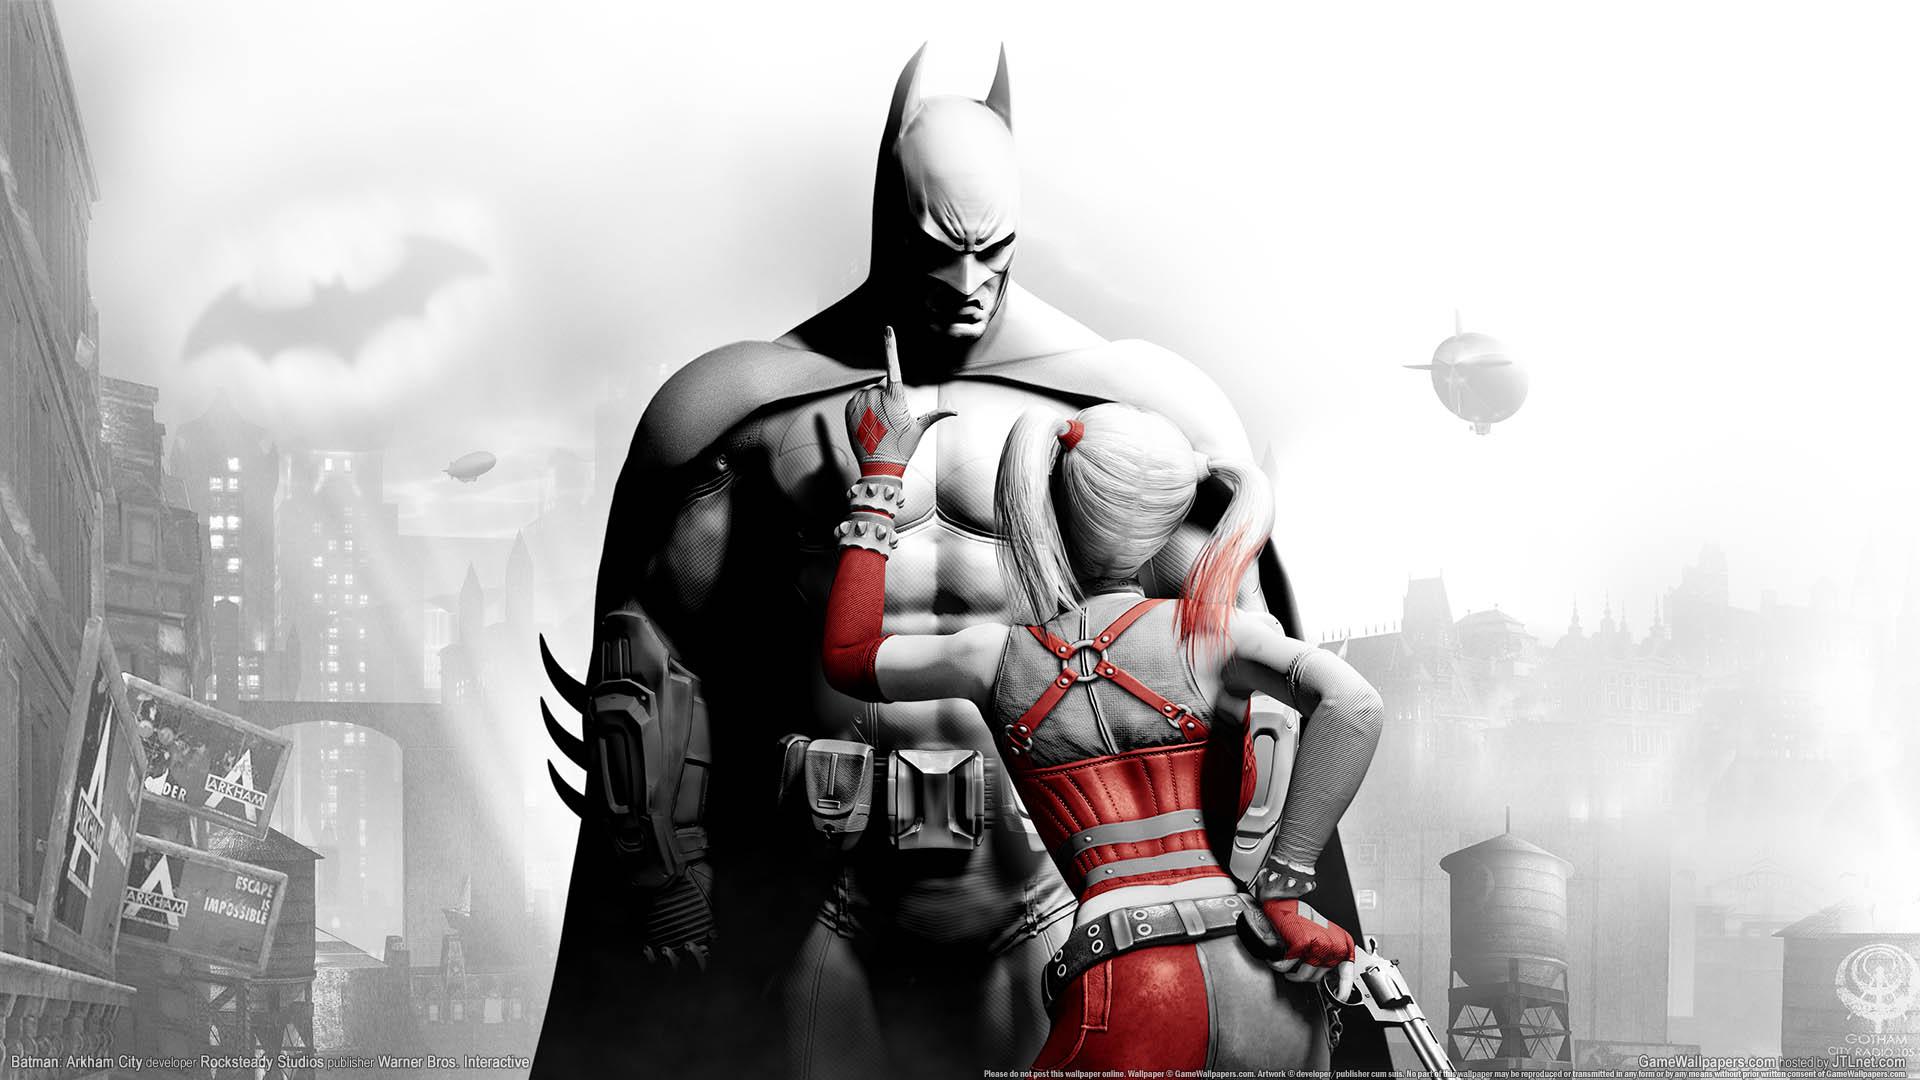 Batman: Arkham City wallpaper 01 1920x1080